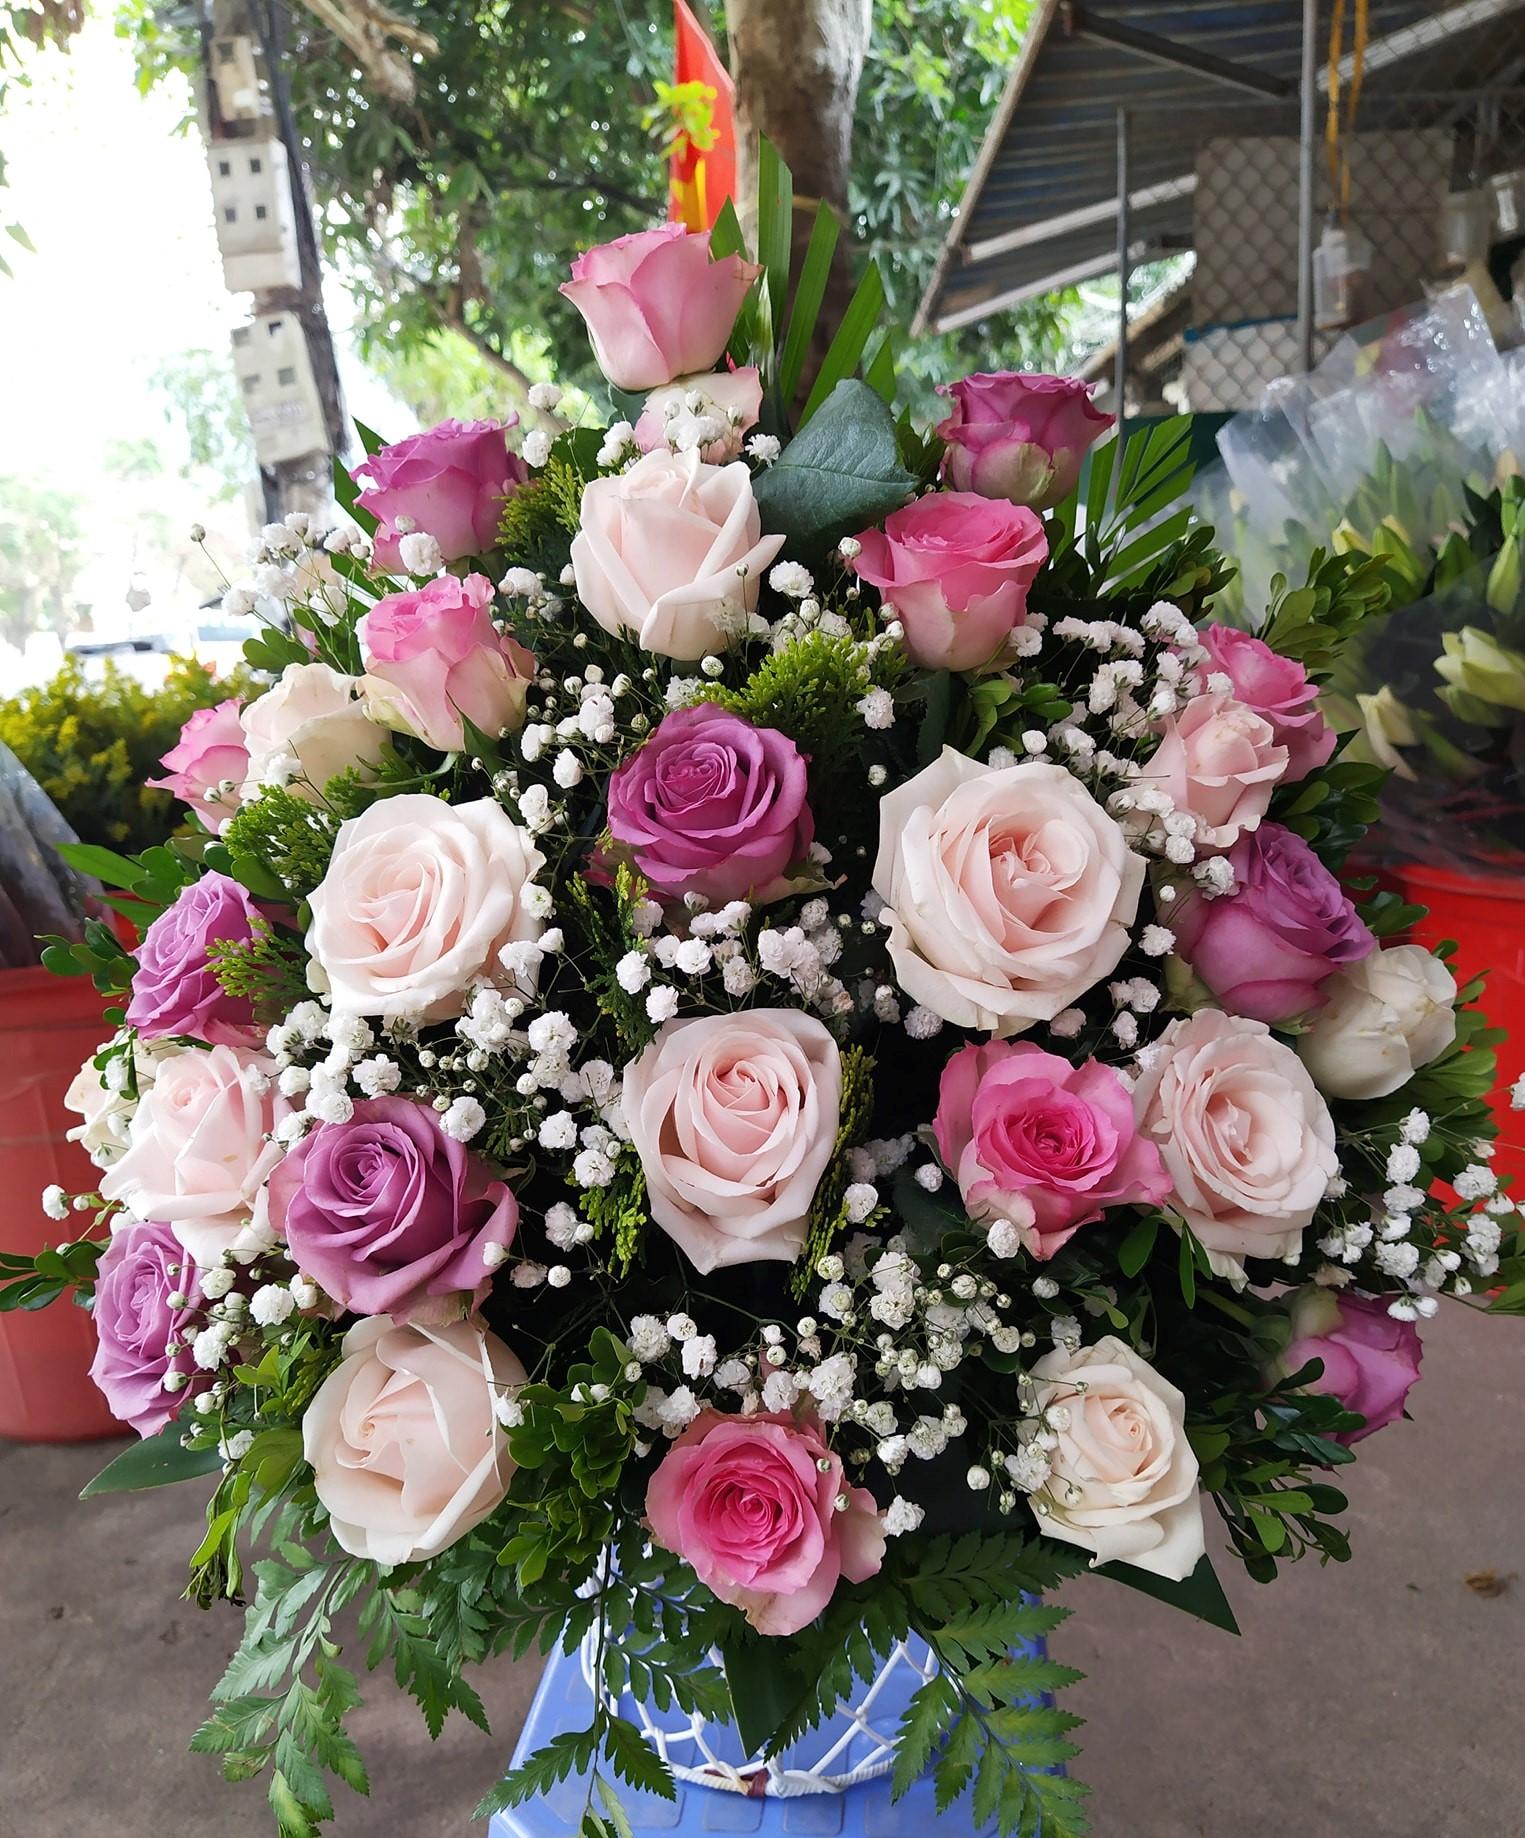 Điện hoa thành phố Vinh Nghệ an